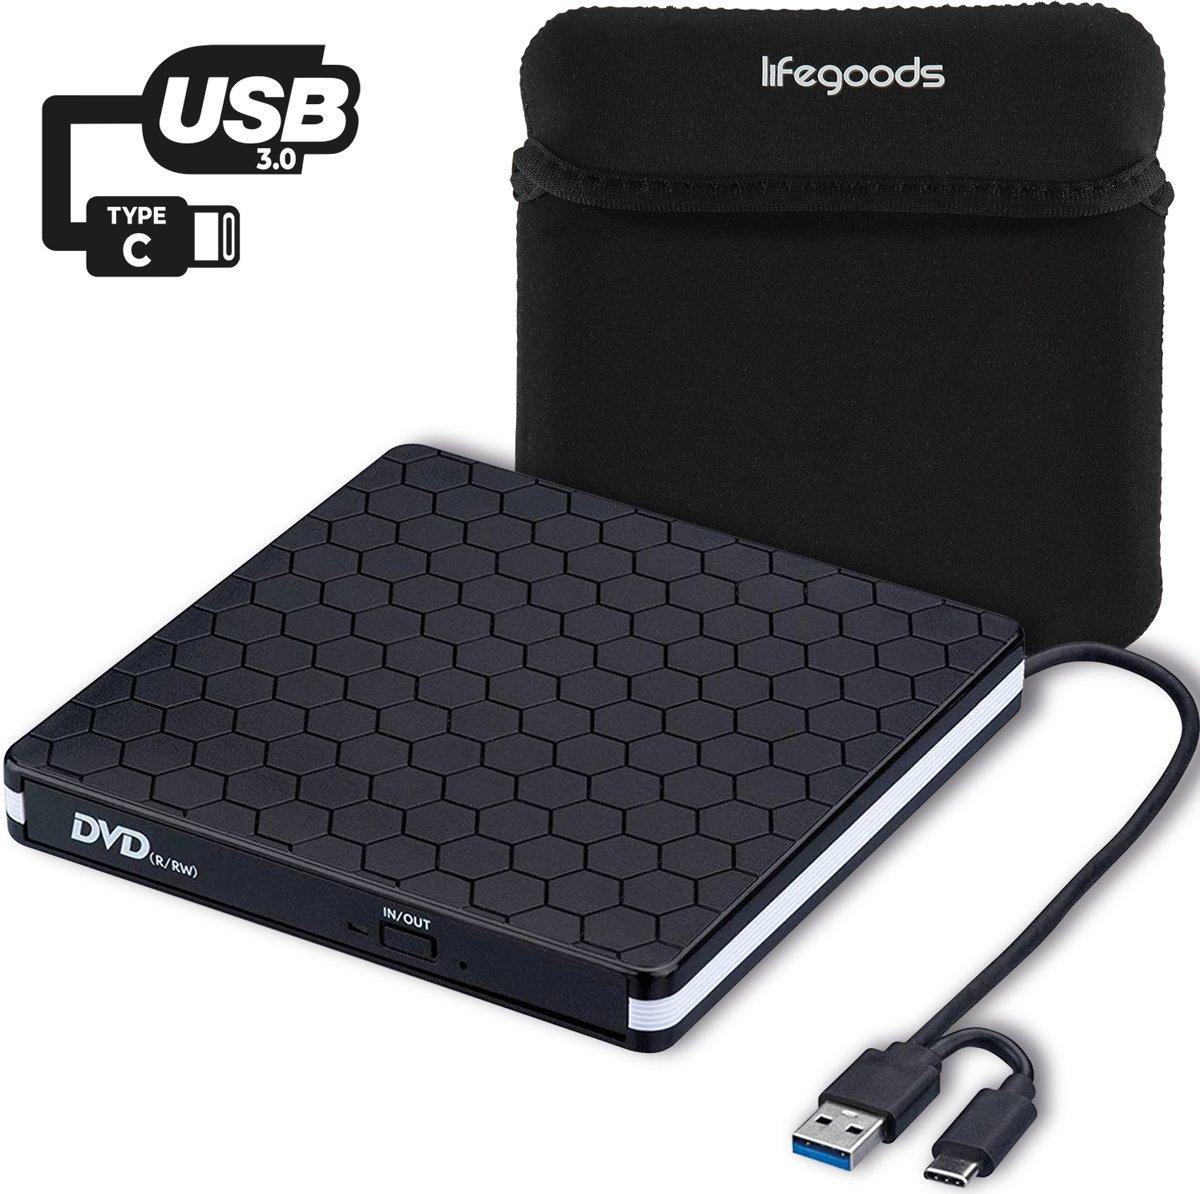 LifeGoods Externe DVD Speler en Brander - DVD/CD Drive voor Laptop of Macbook - Data en Voeding Via USB 3.0 of USB C - Inclusief Beschermhoes en Kabel - Zwart kopen